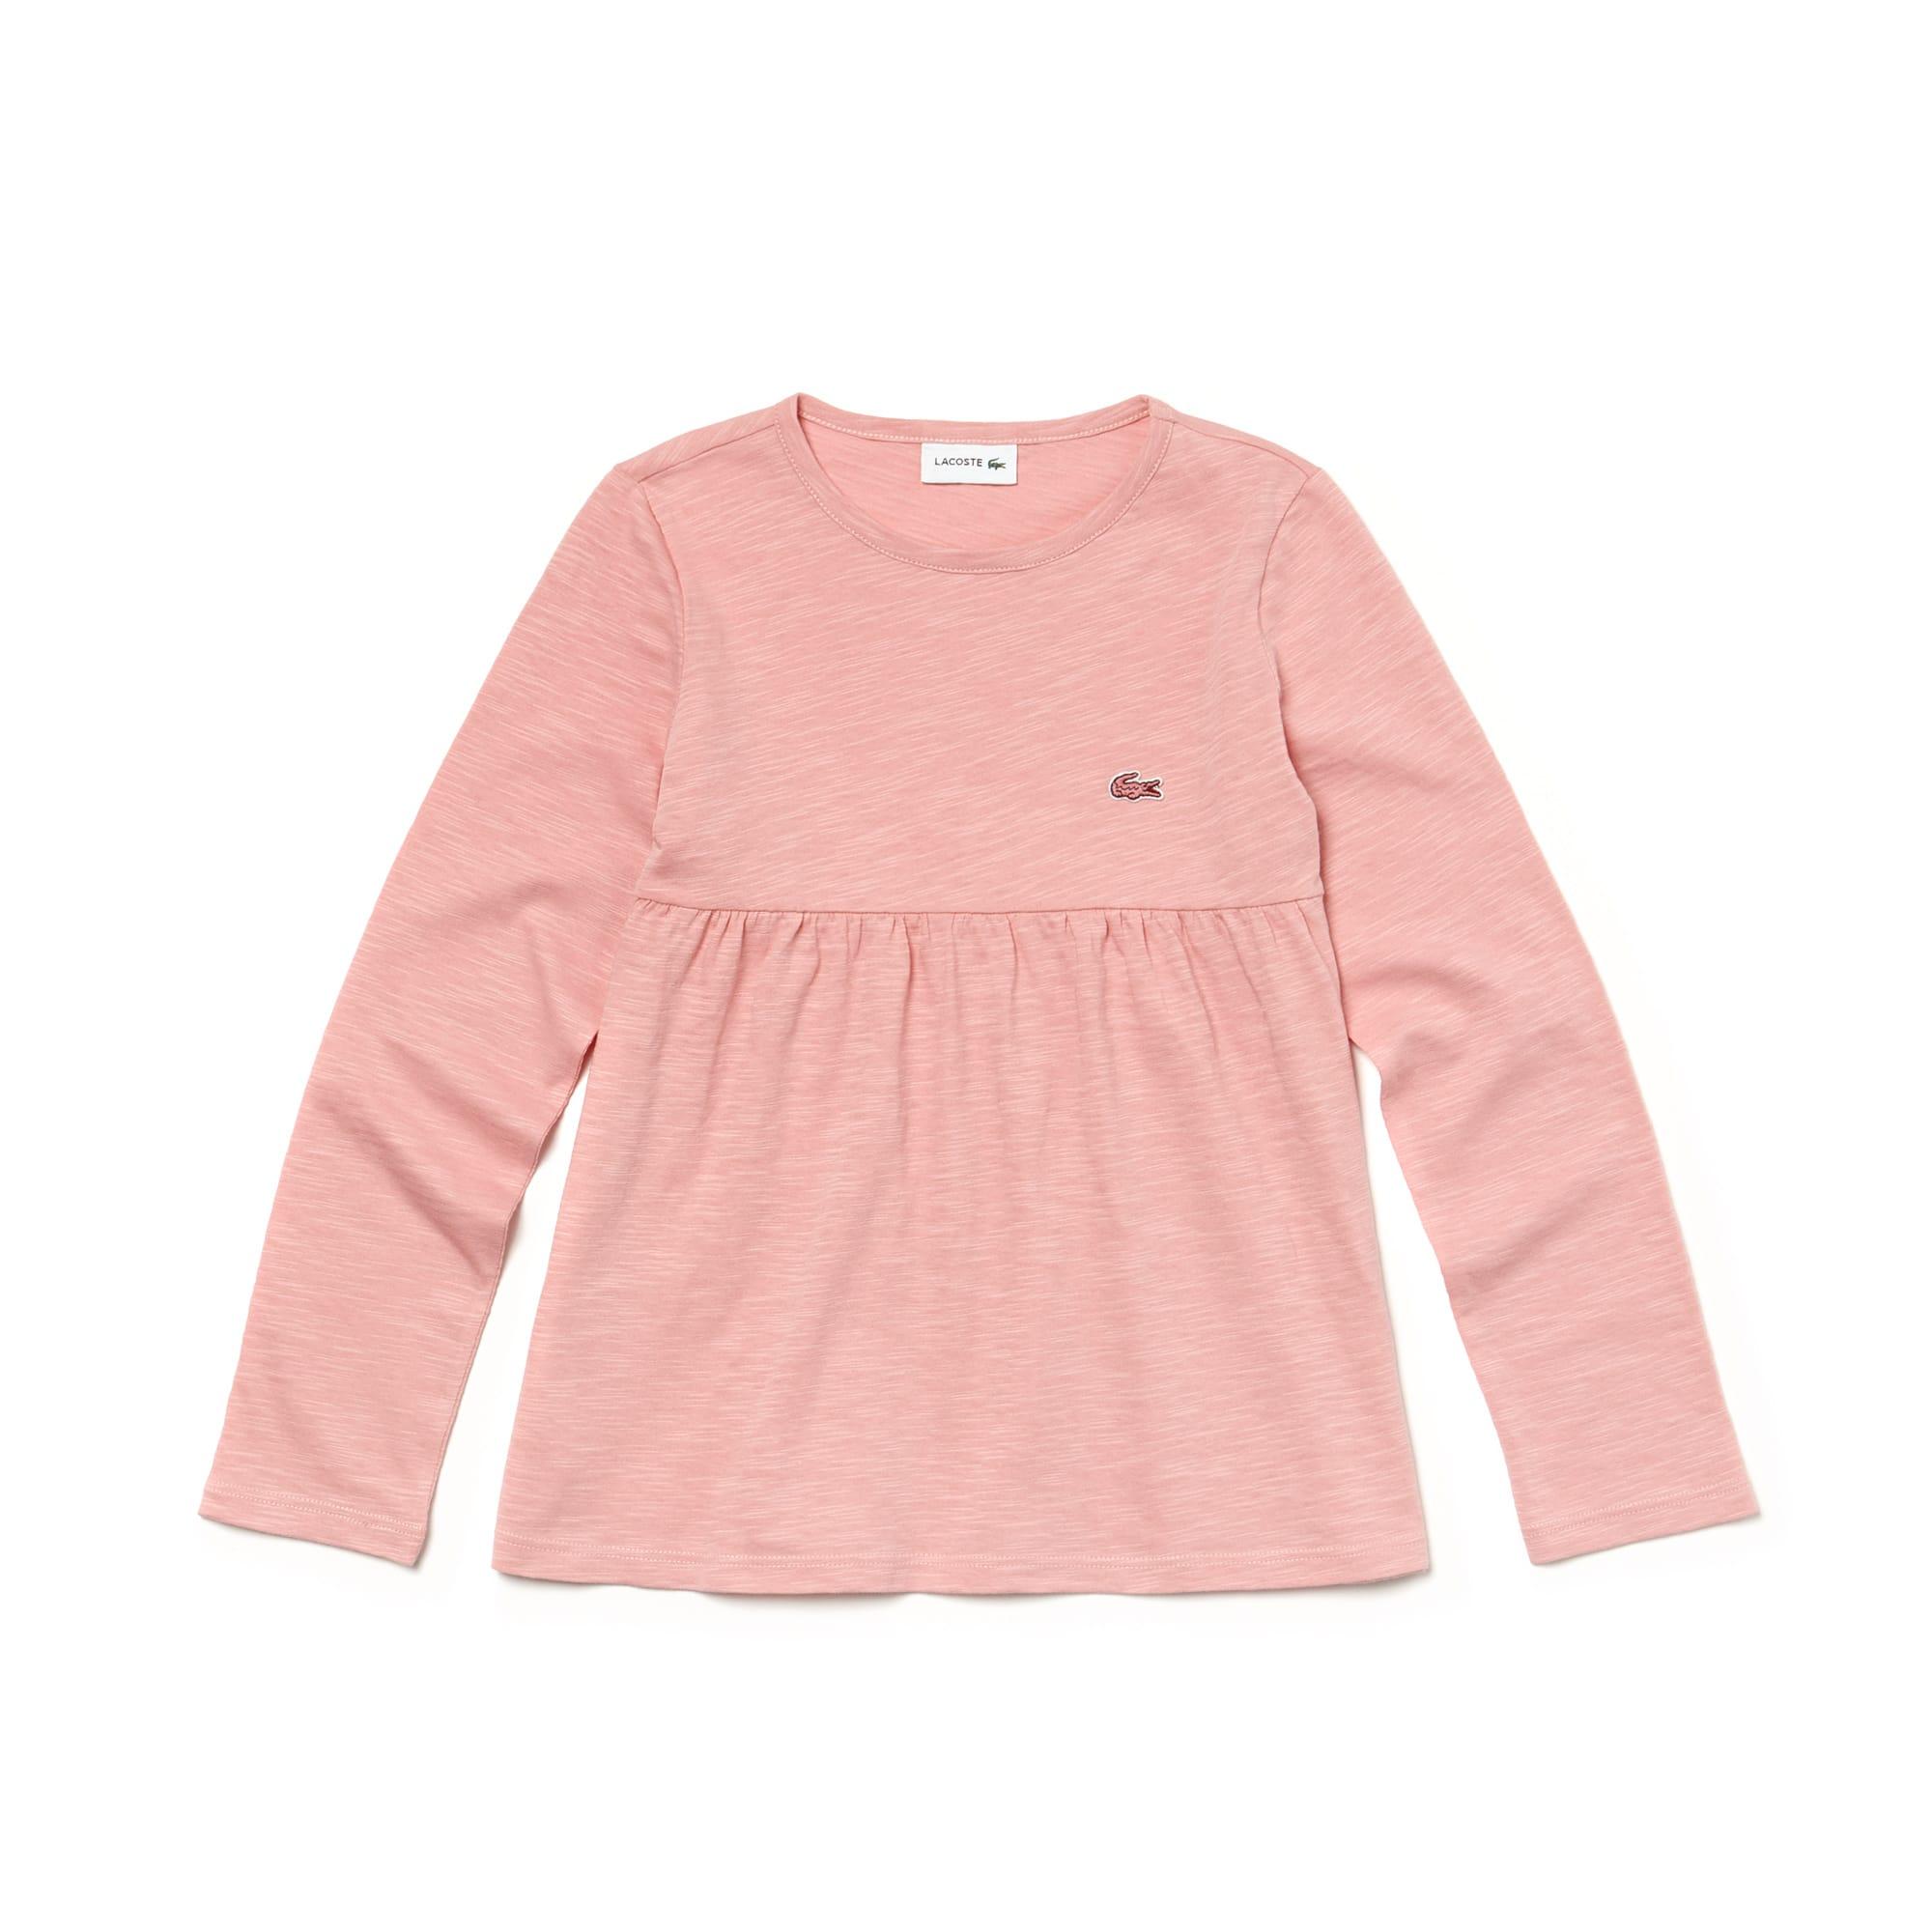 T-shirt meisjes ronde hals katoenjersey